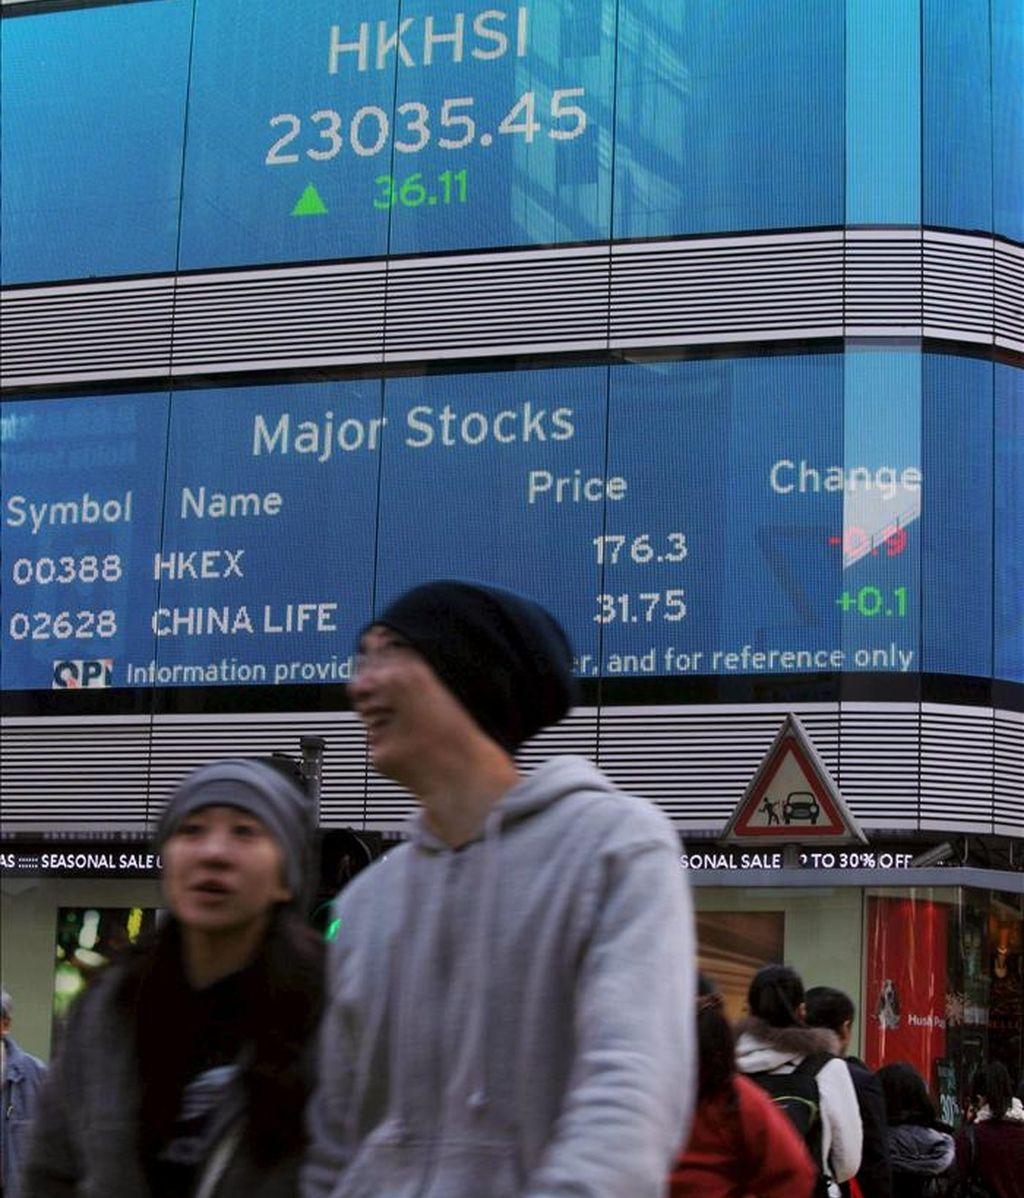 Peatones cruzan una calle en la que se ve una pantalla con información económica en un banco en Hong Kong (China). El mercado bursátil de Hong Kong abrió con una subida de 24,64 puntos en el índice Hang Seng. EFE/Archivo